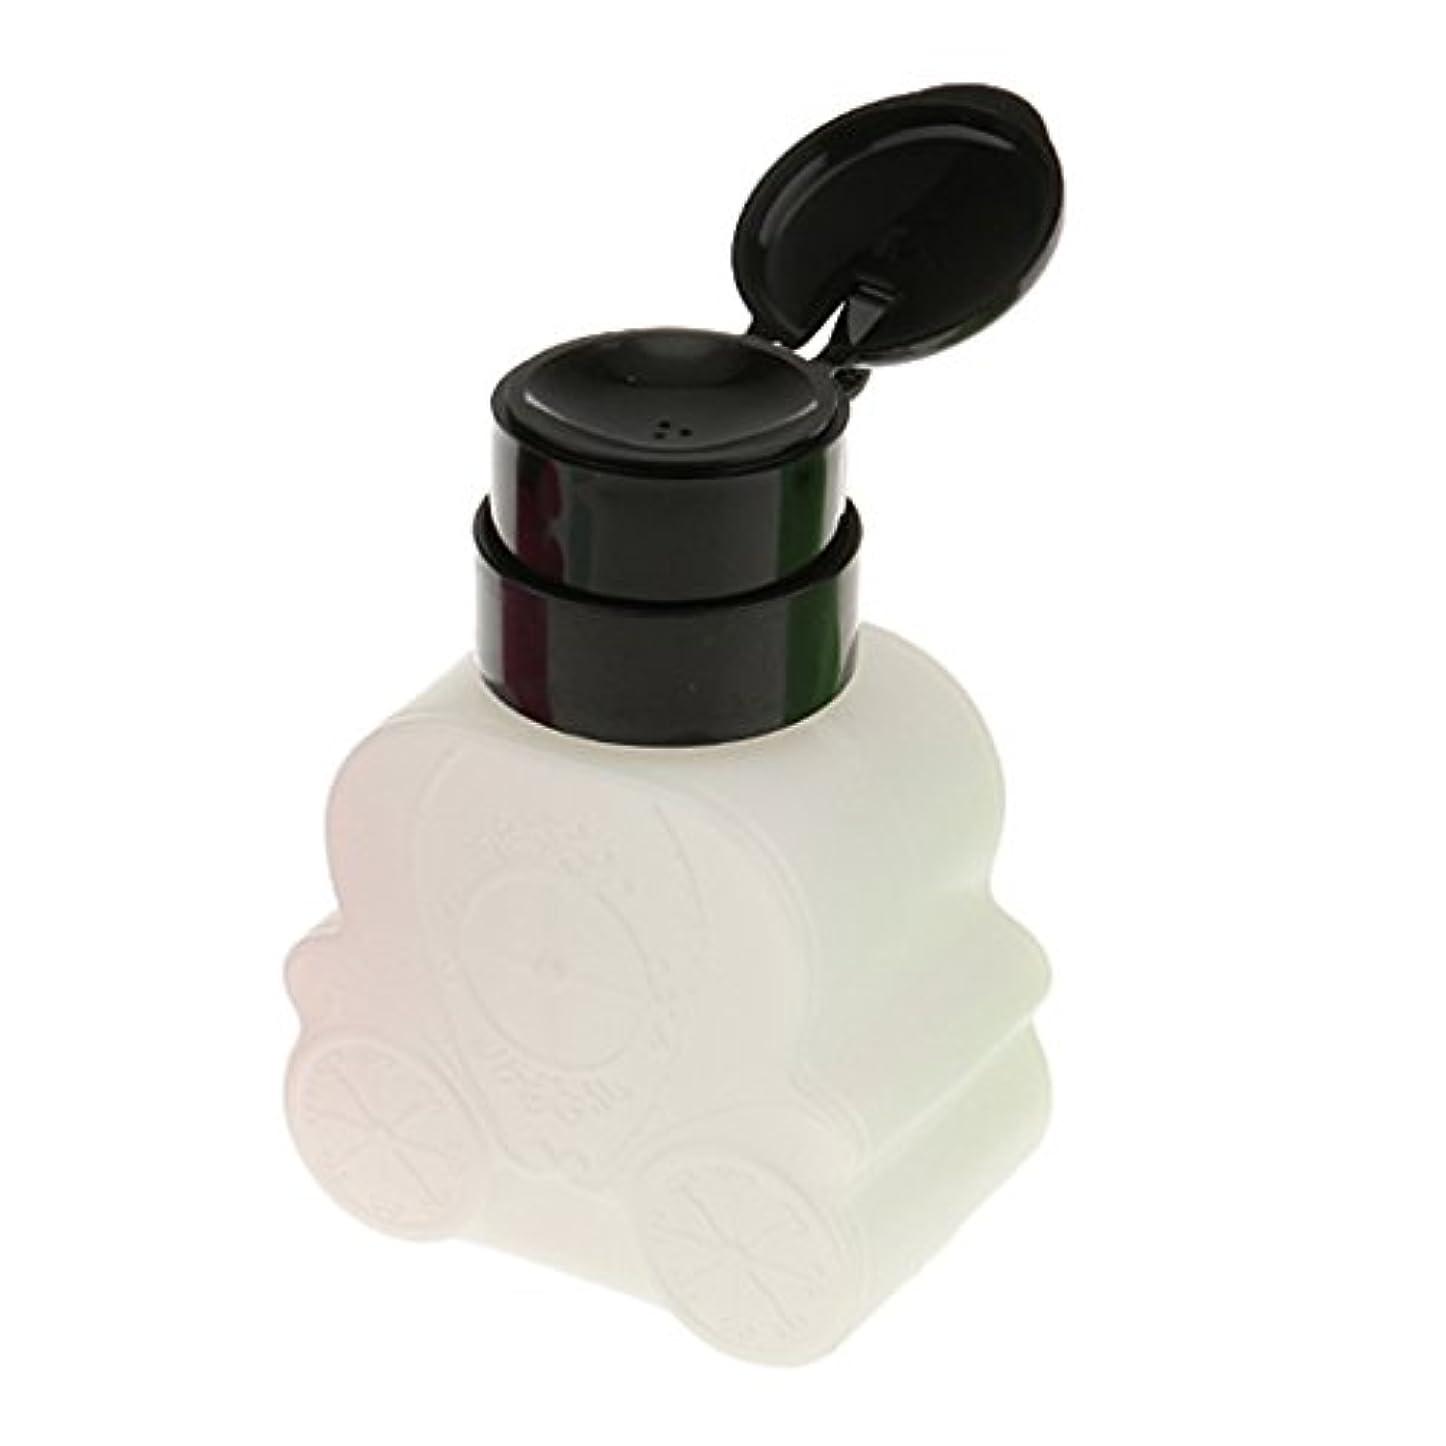 ルネッサンスタイトなんでもSM SunniMix ネイルクリーナーボトル ネイルクリーナーボトル ポンプ